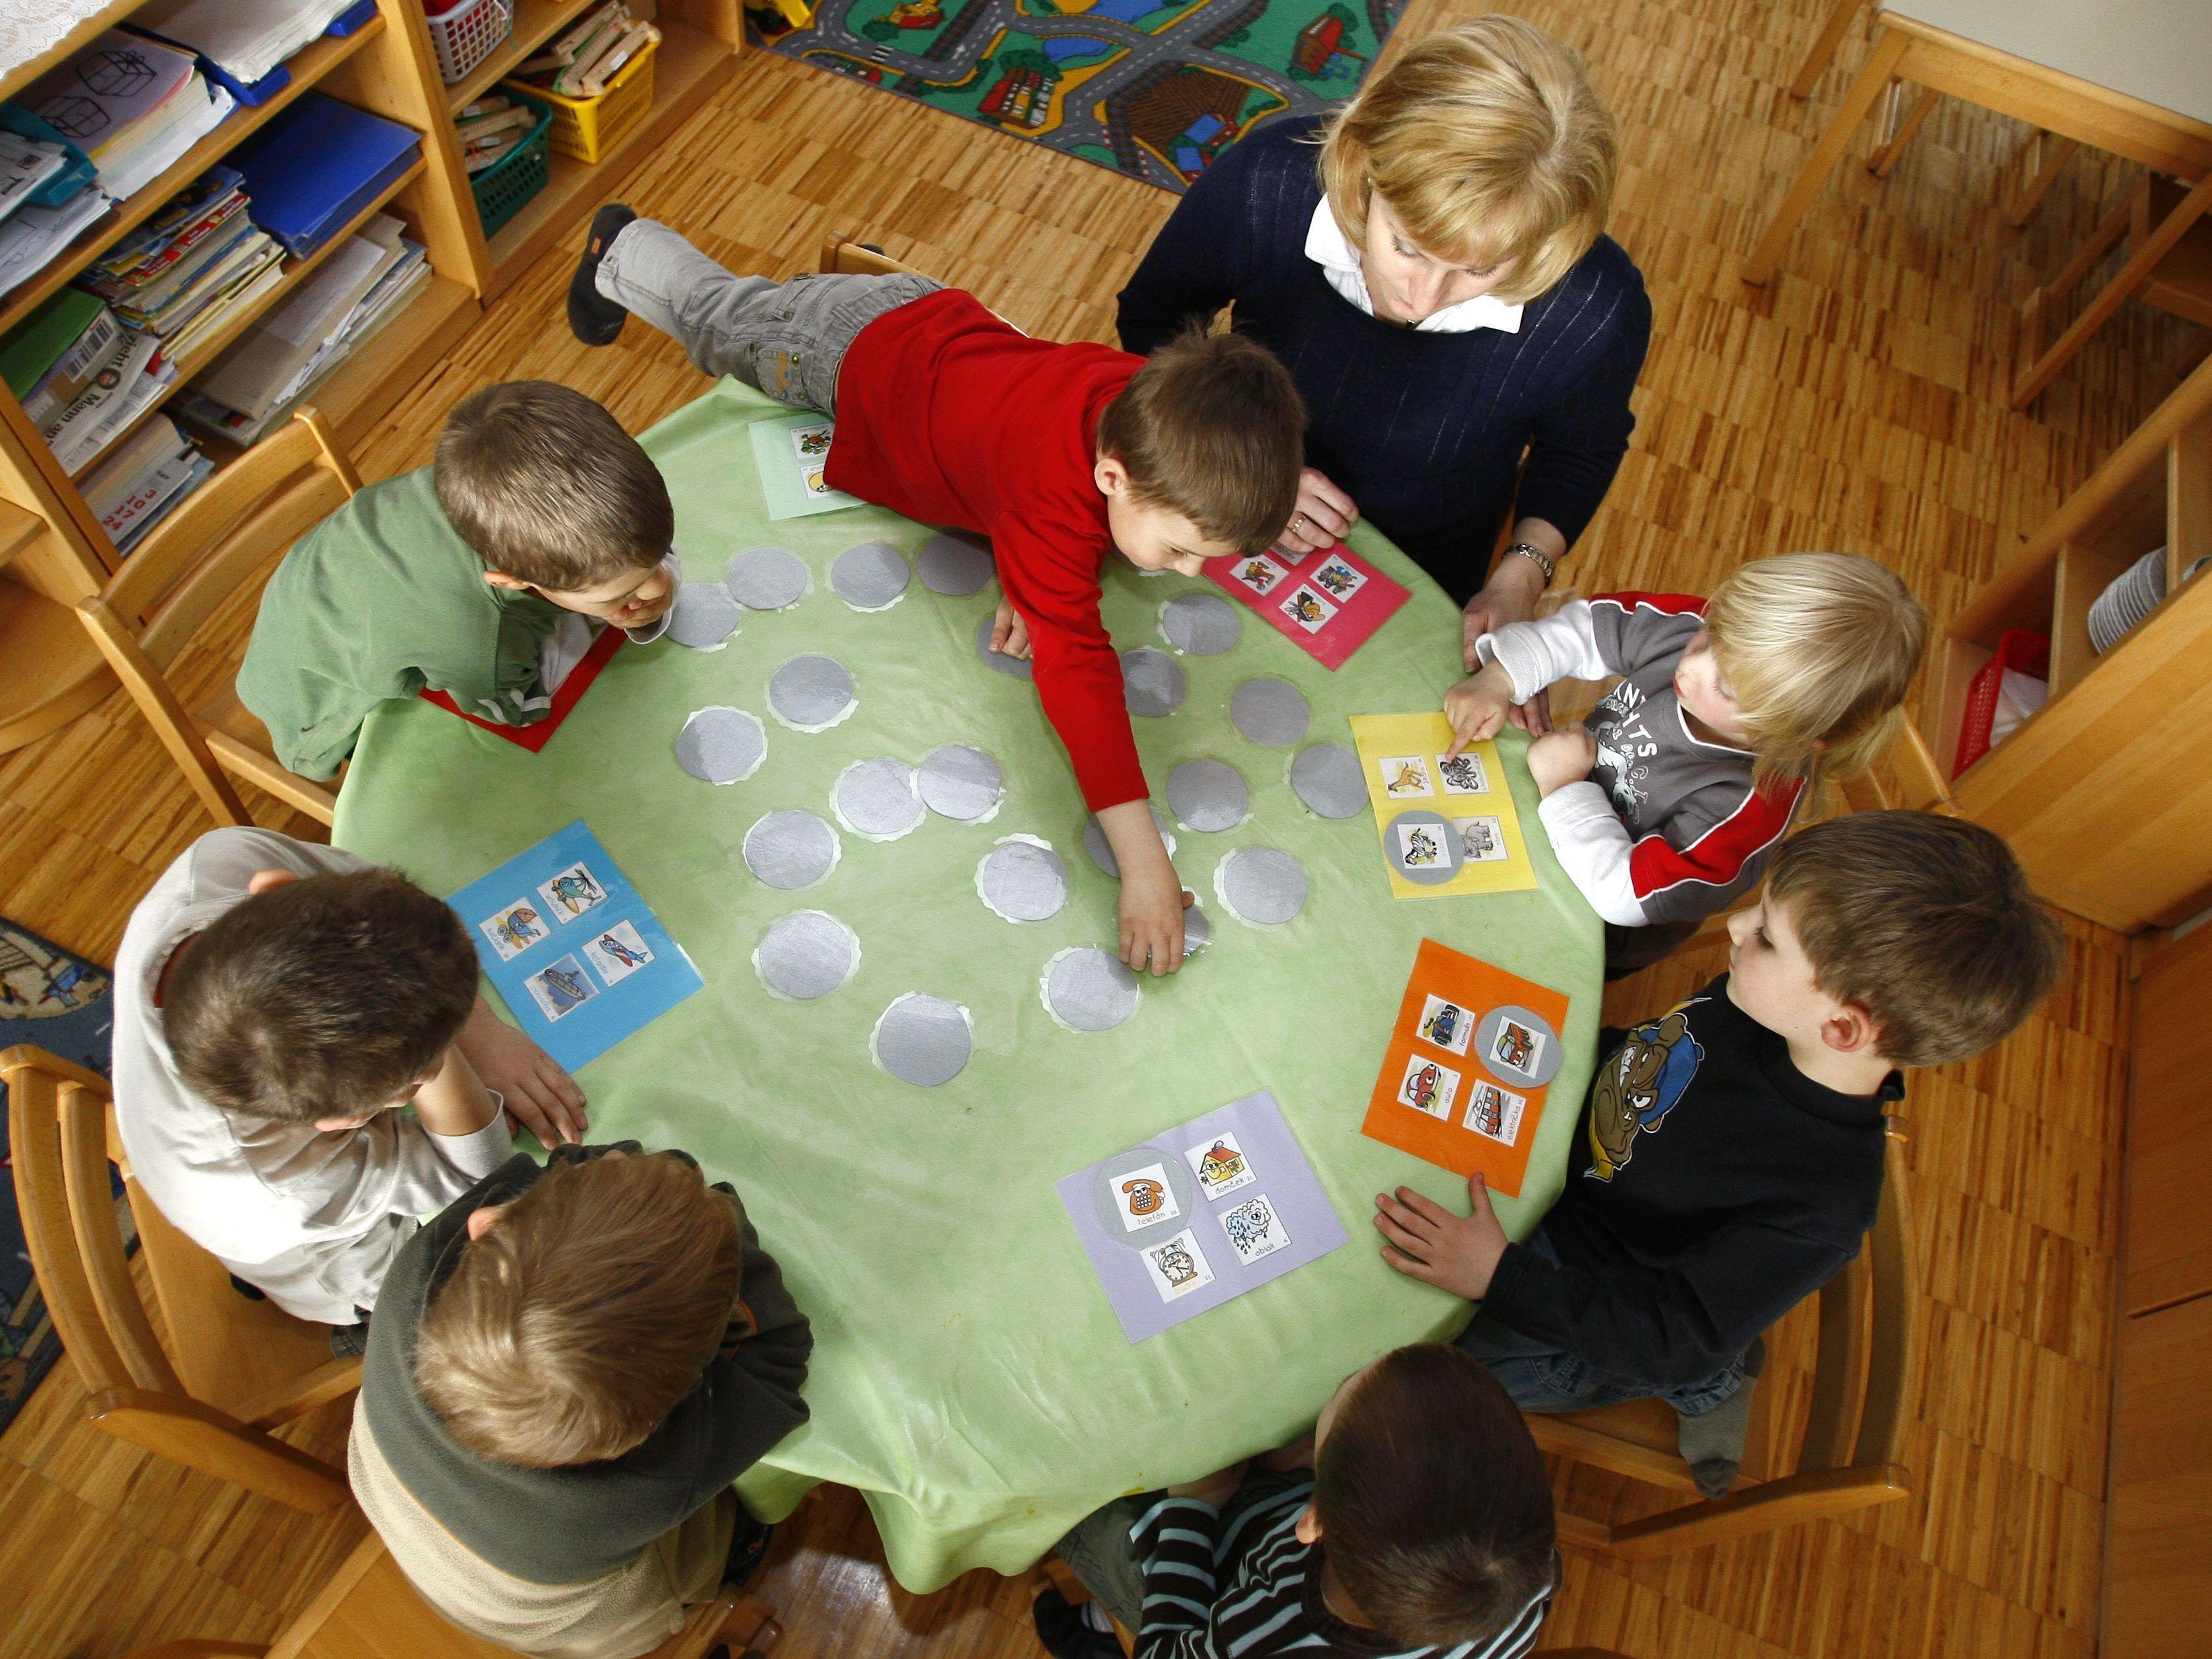 Landtagswahl Kinder Und Altenbetreuung Als Herausforderung In Nö